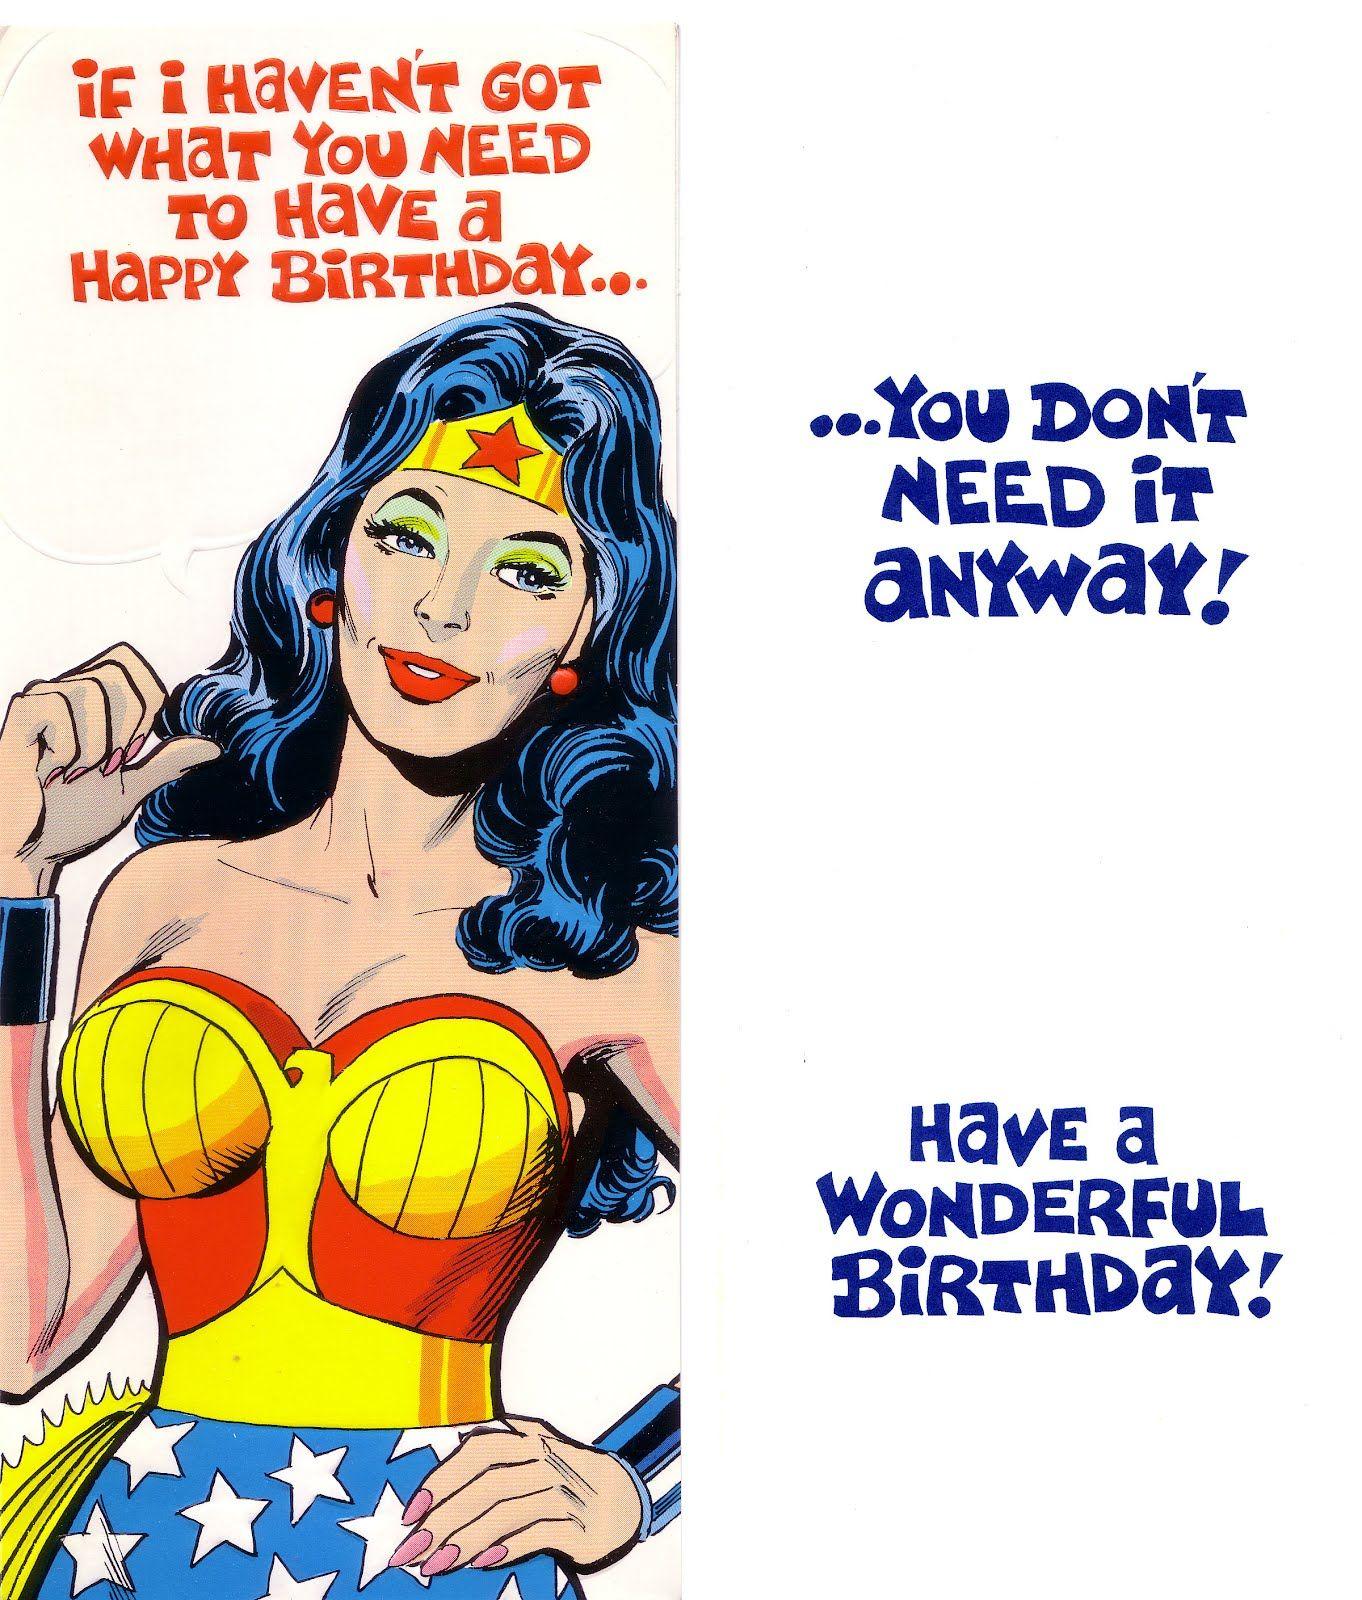 Wonder Woman Superman Images Gallery Printables – Comic Birthday Greetings